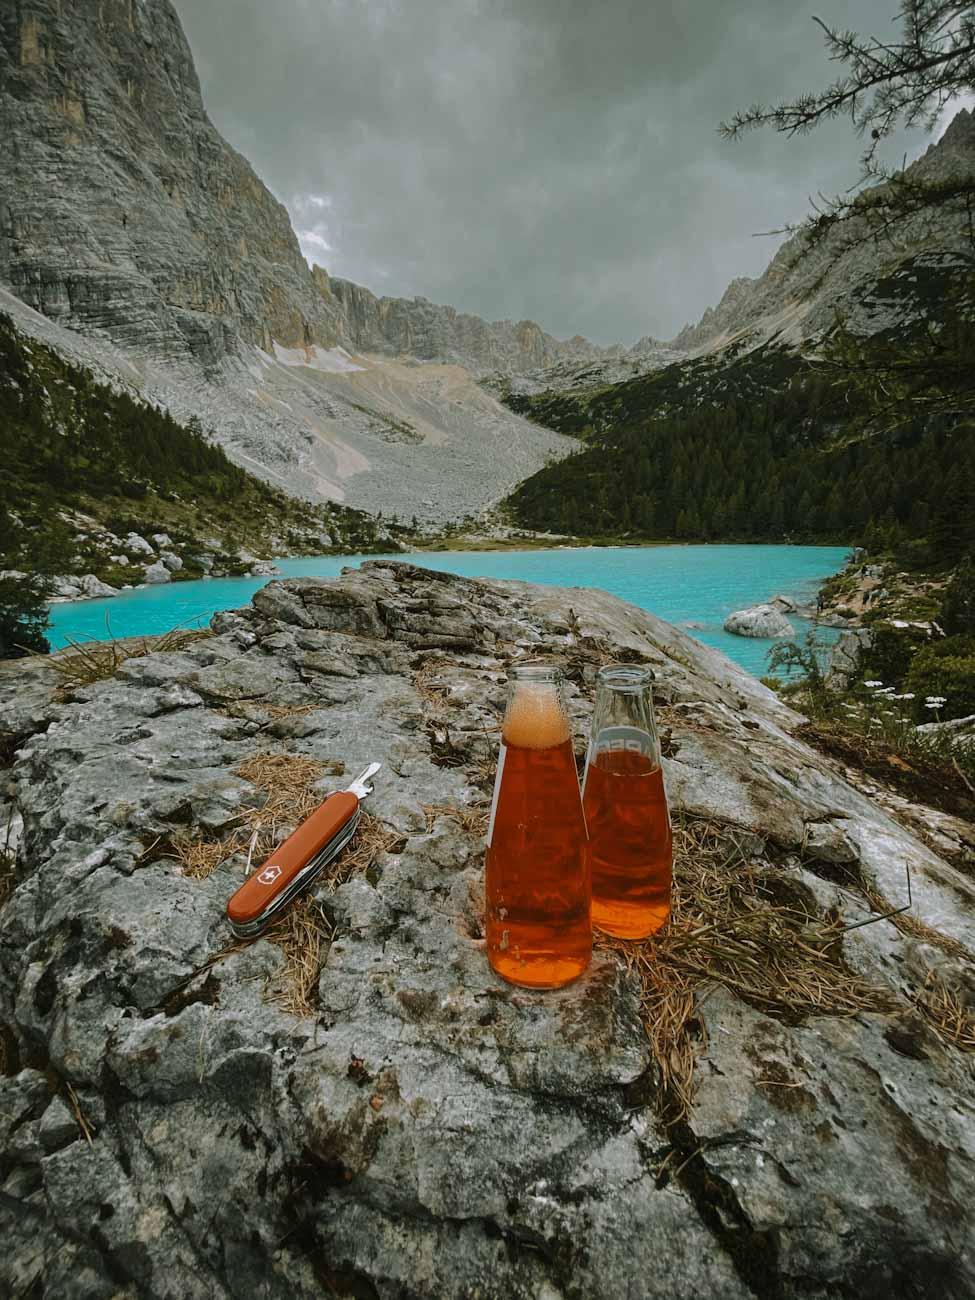 aperetivo nad Sorapis jeziorem w Dolomitach we włoszech, pomarańczowy drink w górach